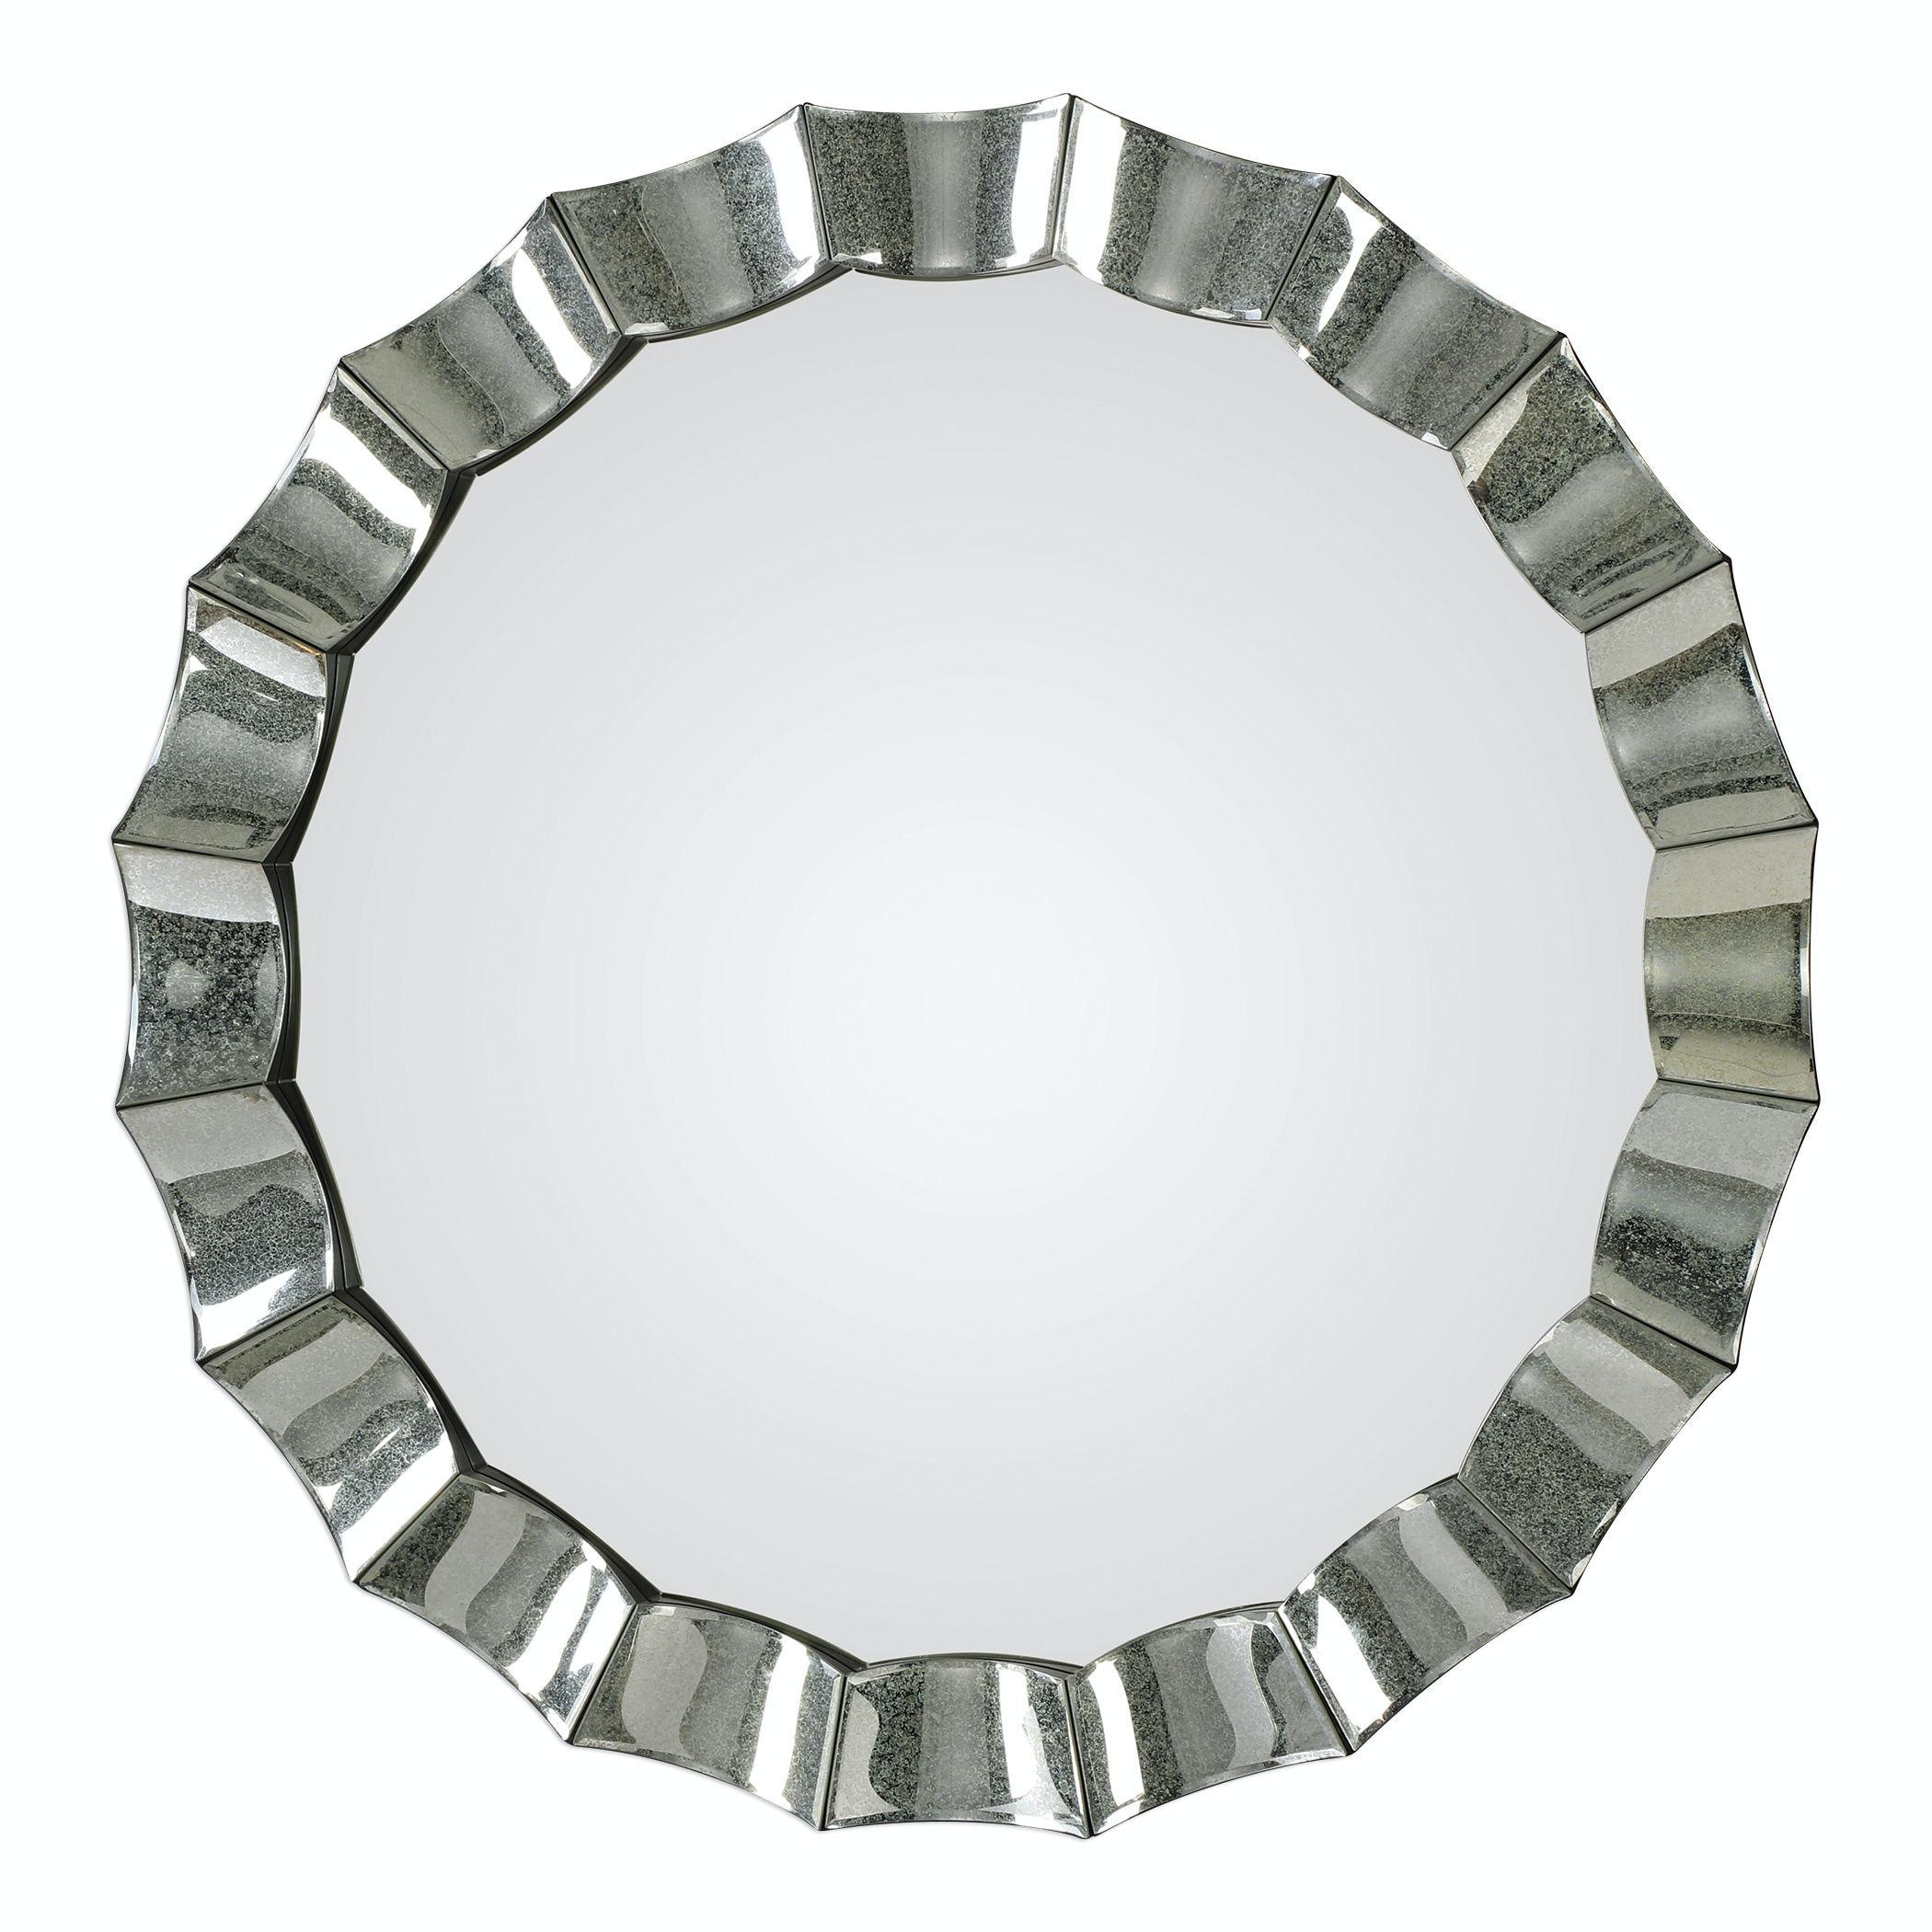 uttermost sabino scalloped round mirror 09334 uttermost accessories sabino scalloped round mirror  rh   bobmillsfurniture